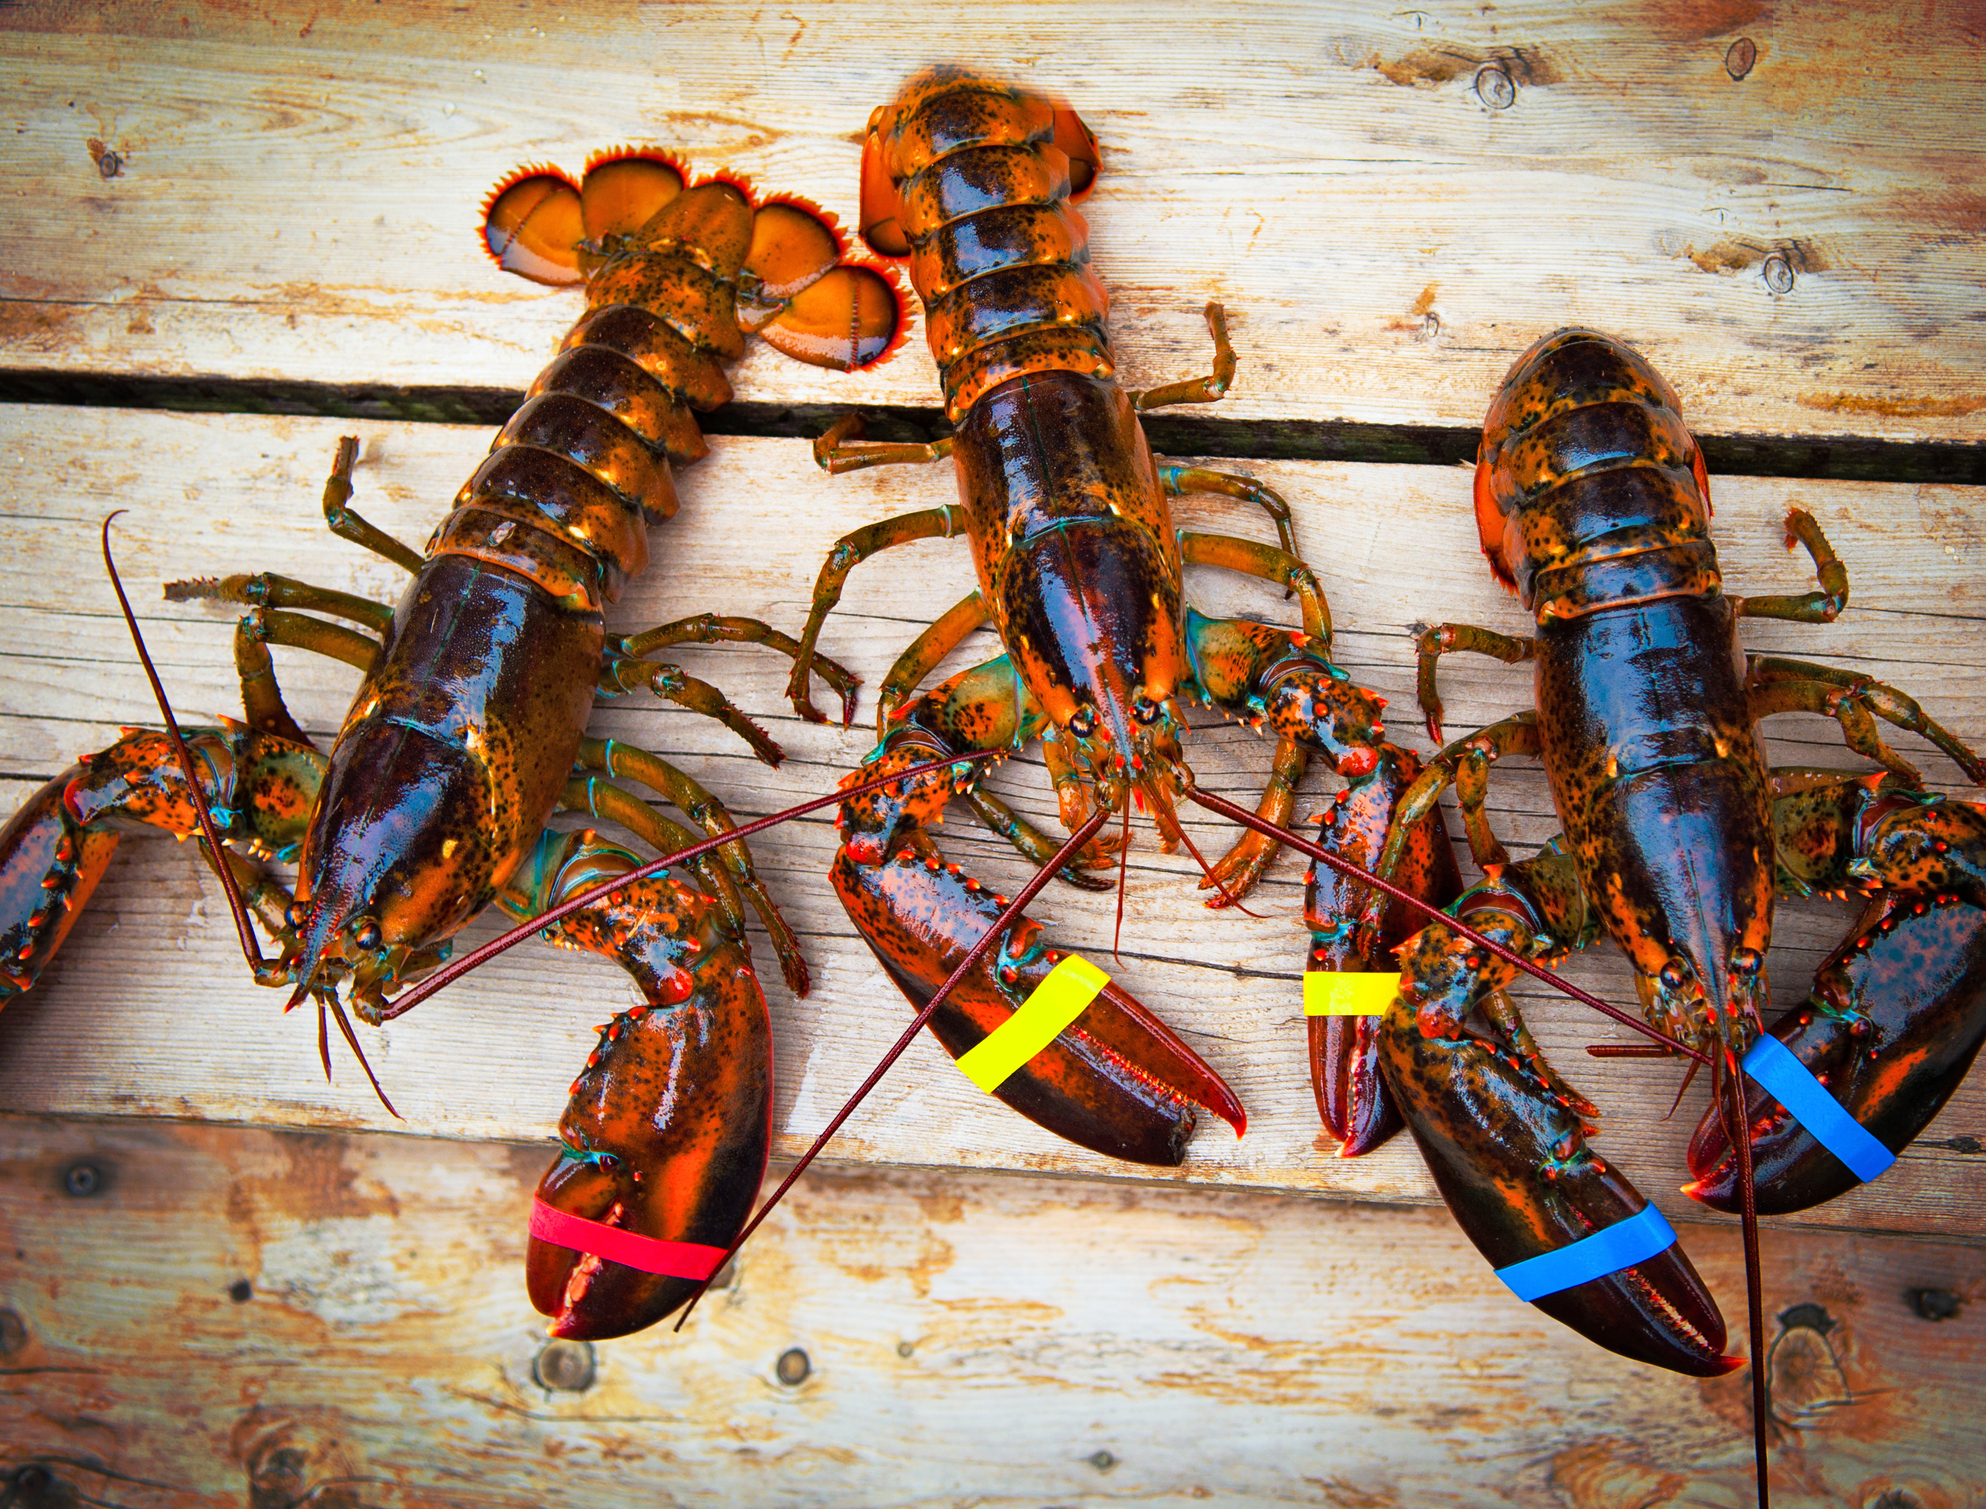 Preocupante: Pescan langosta con